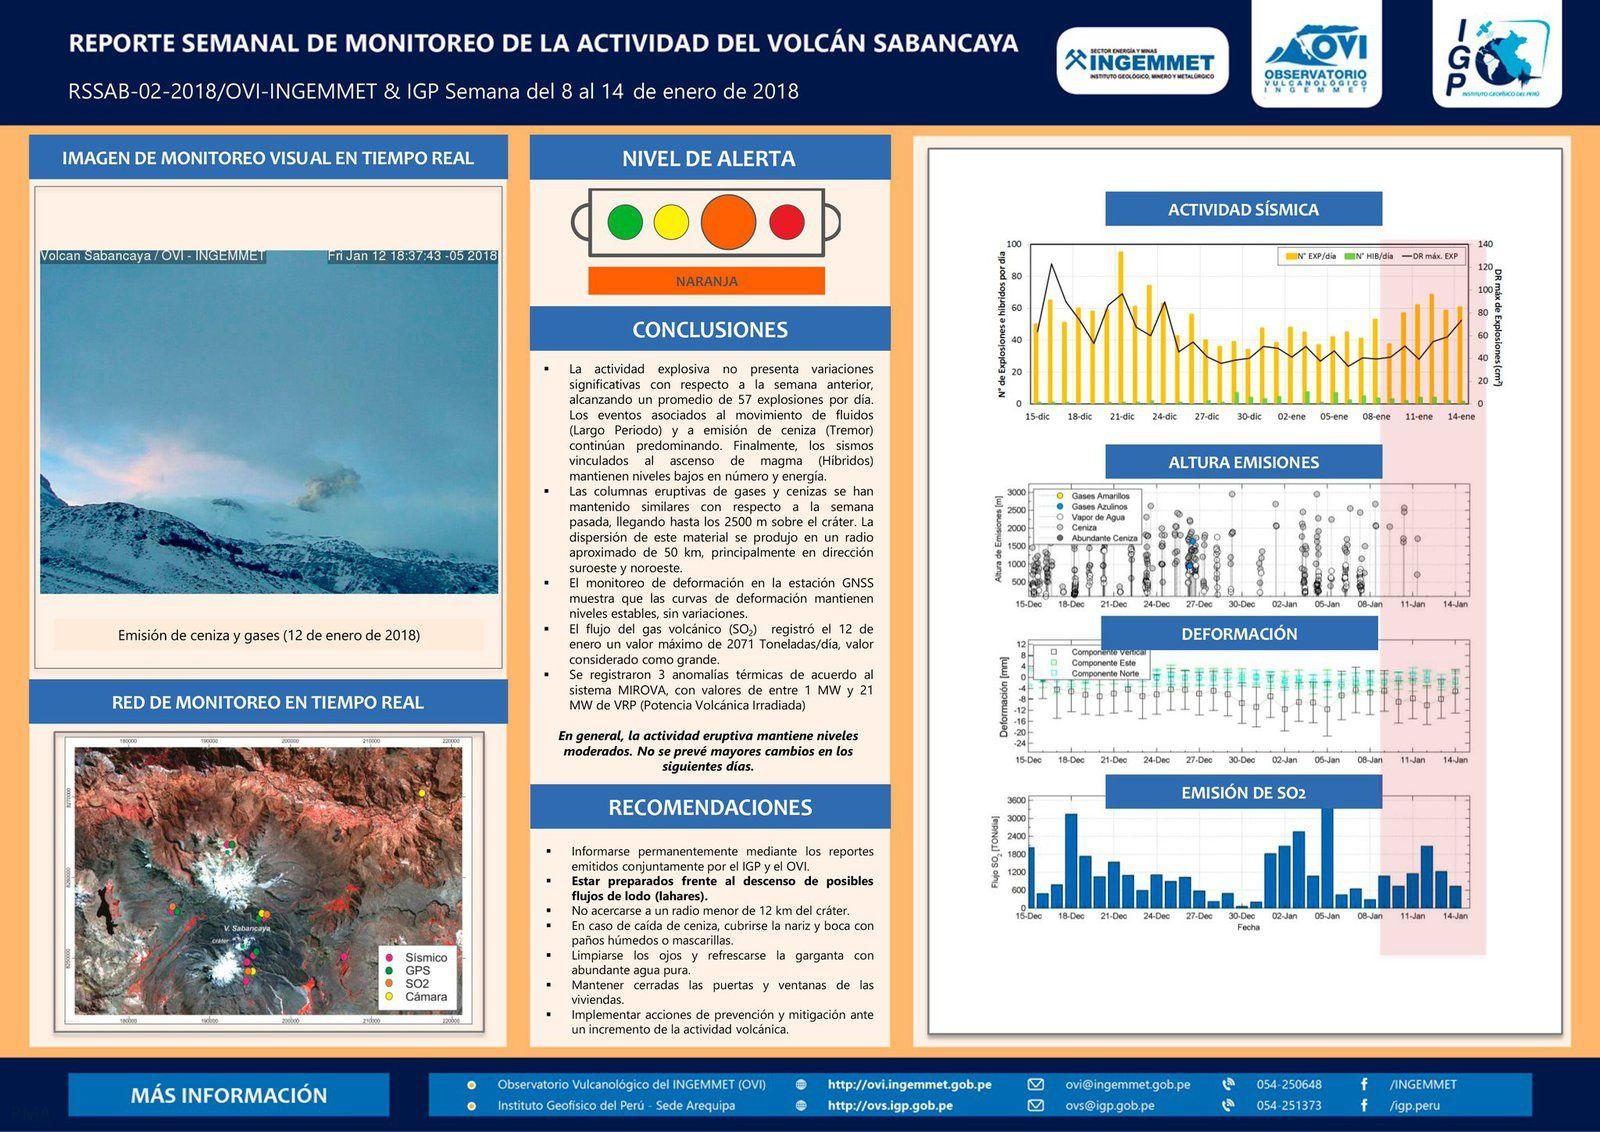 Sabancaya - tableau récapitulatif de l'activité entre le 8 et le 14 janvier 2018 - doc.IG Peru / OVI / Ingemmet